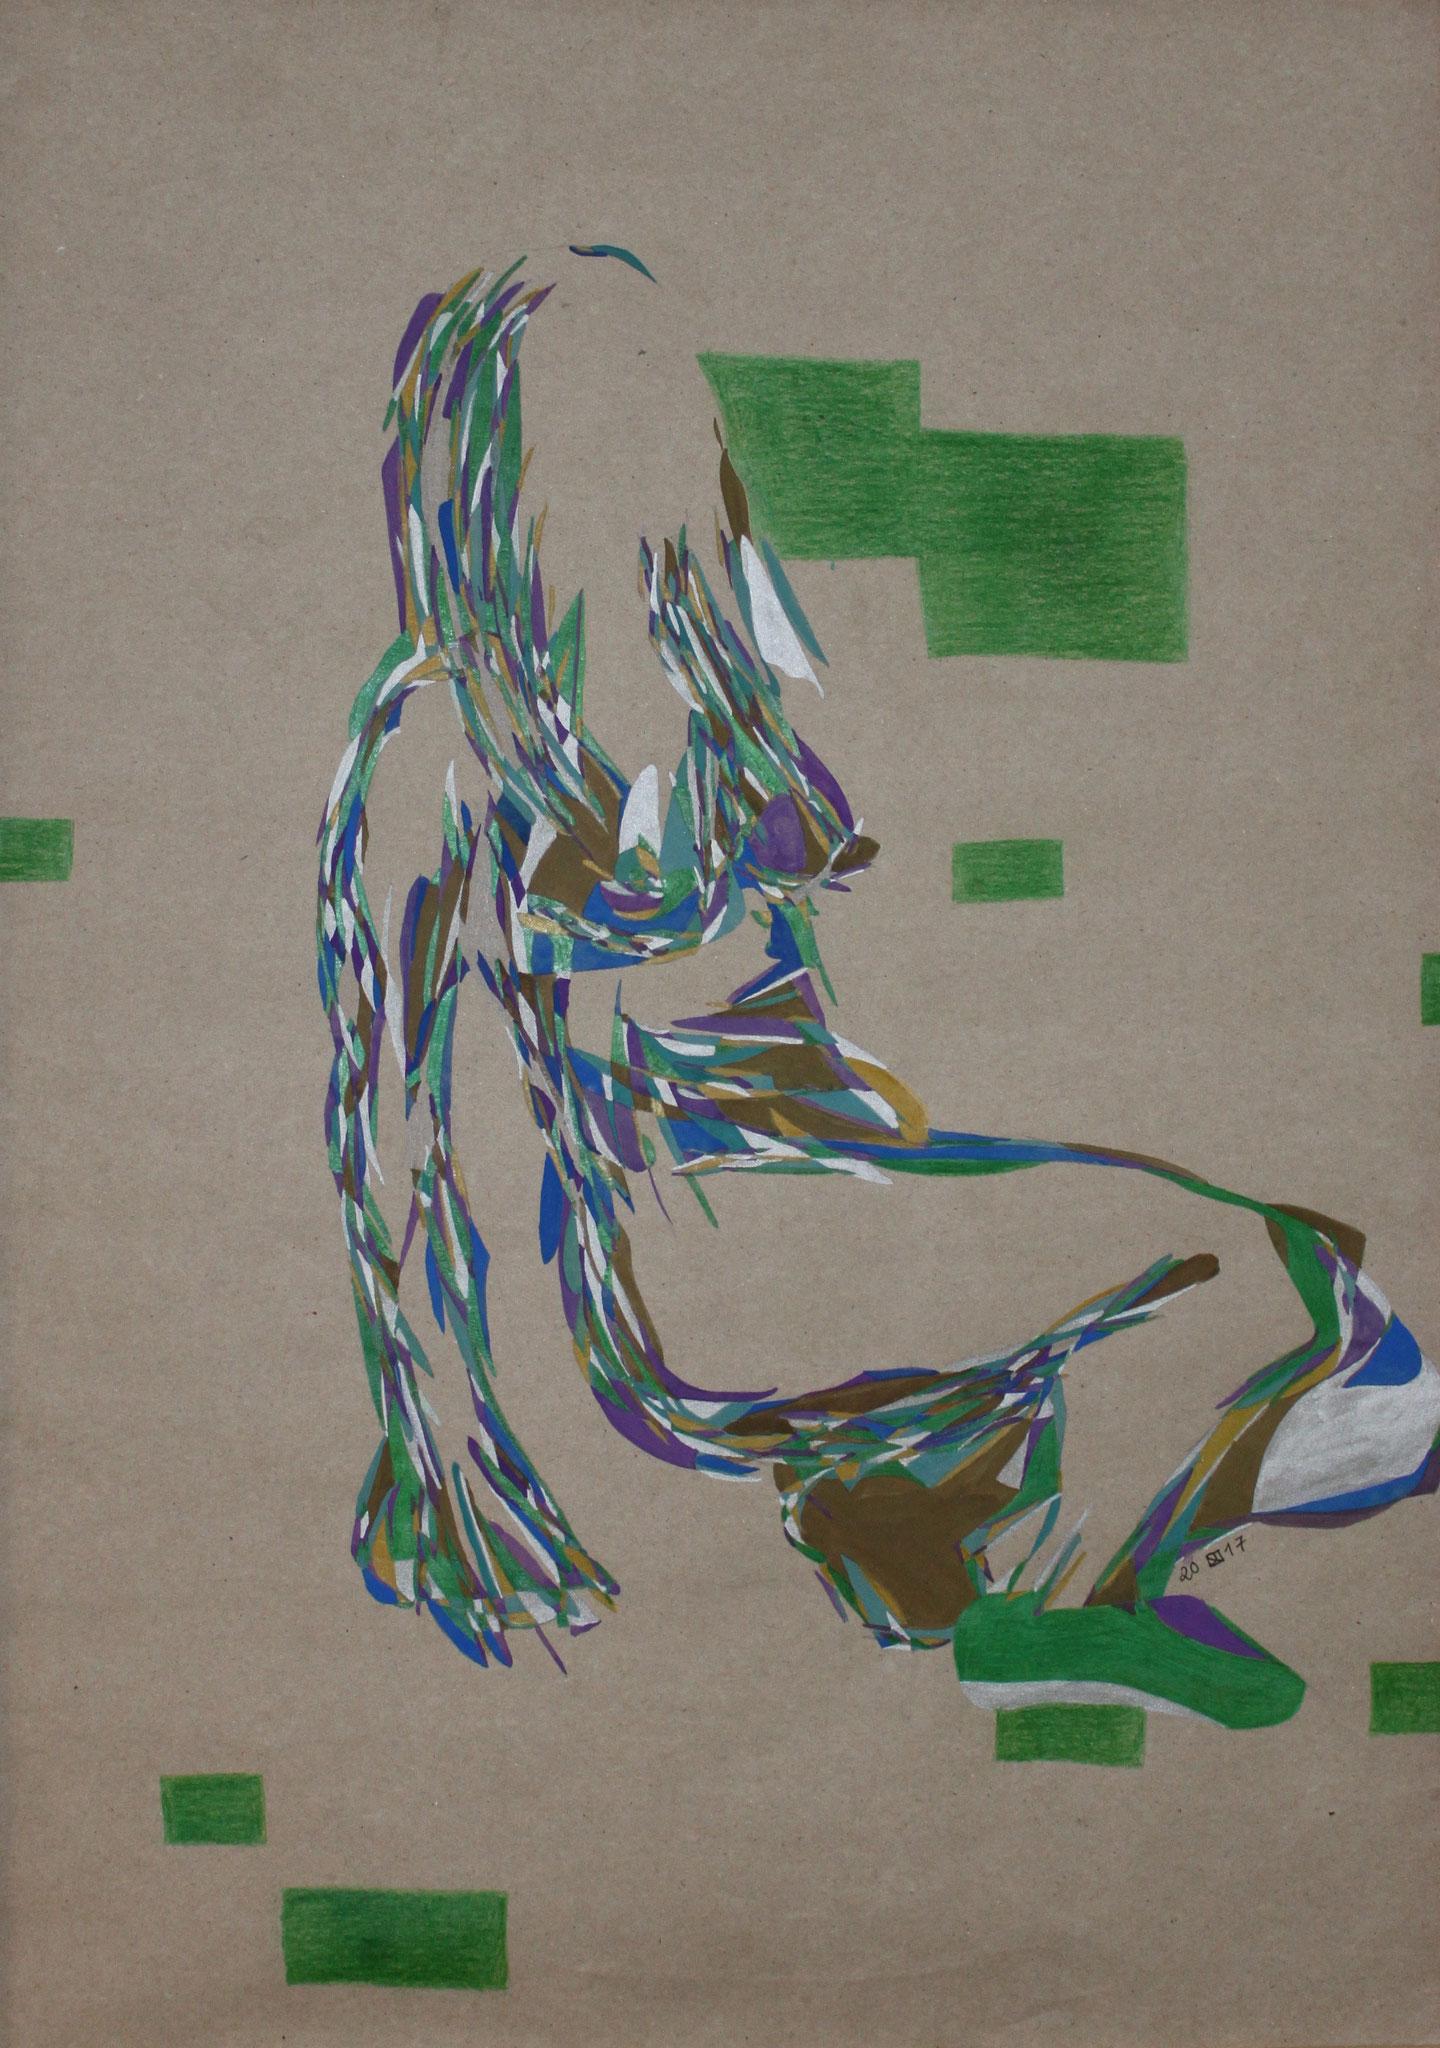 Green bricks, Aquarell und Buntstift auf Papier, 2017, 59 cm x 42 cm